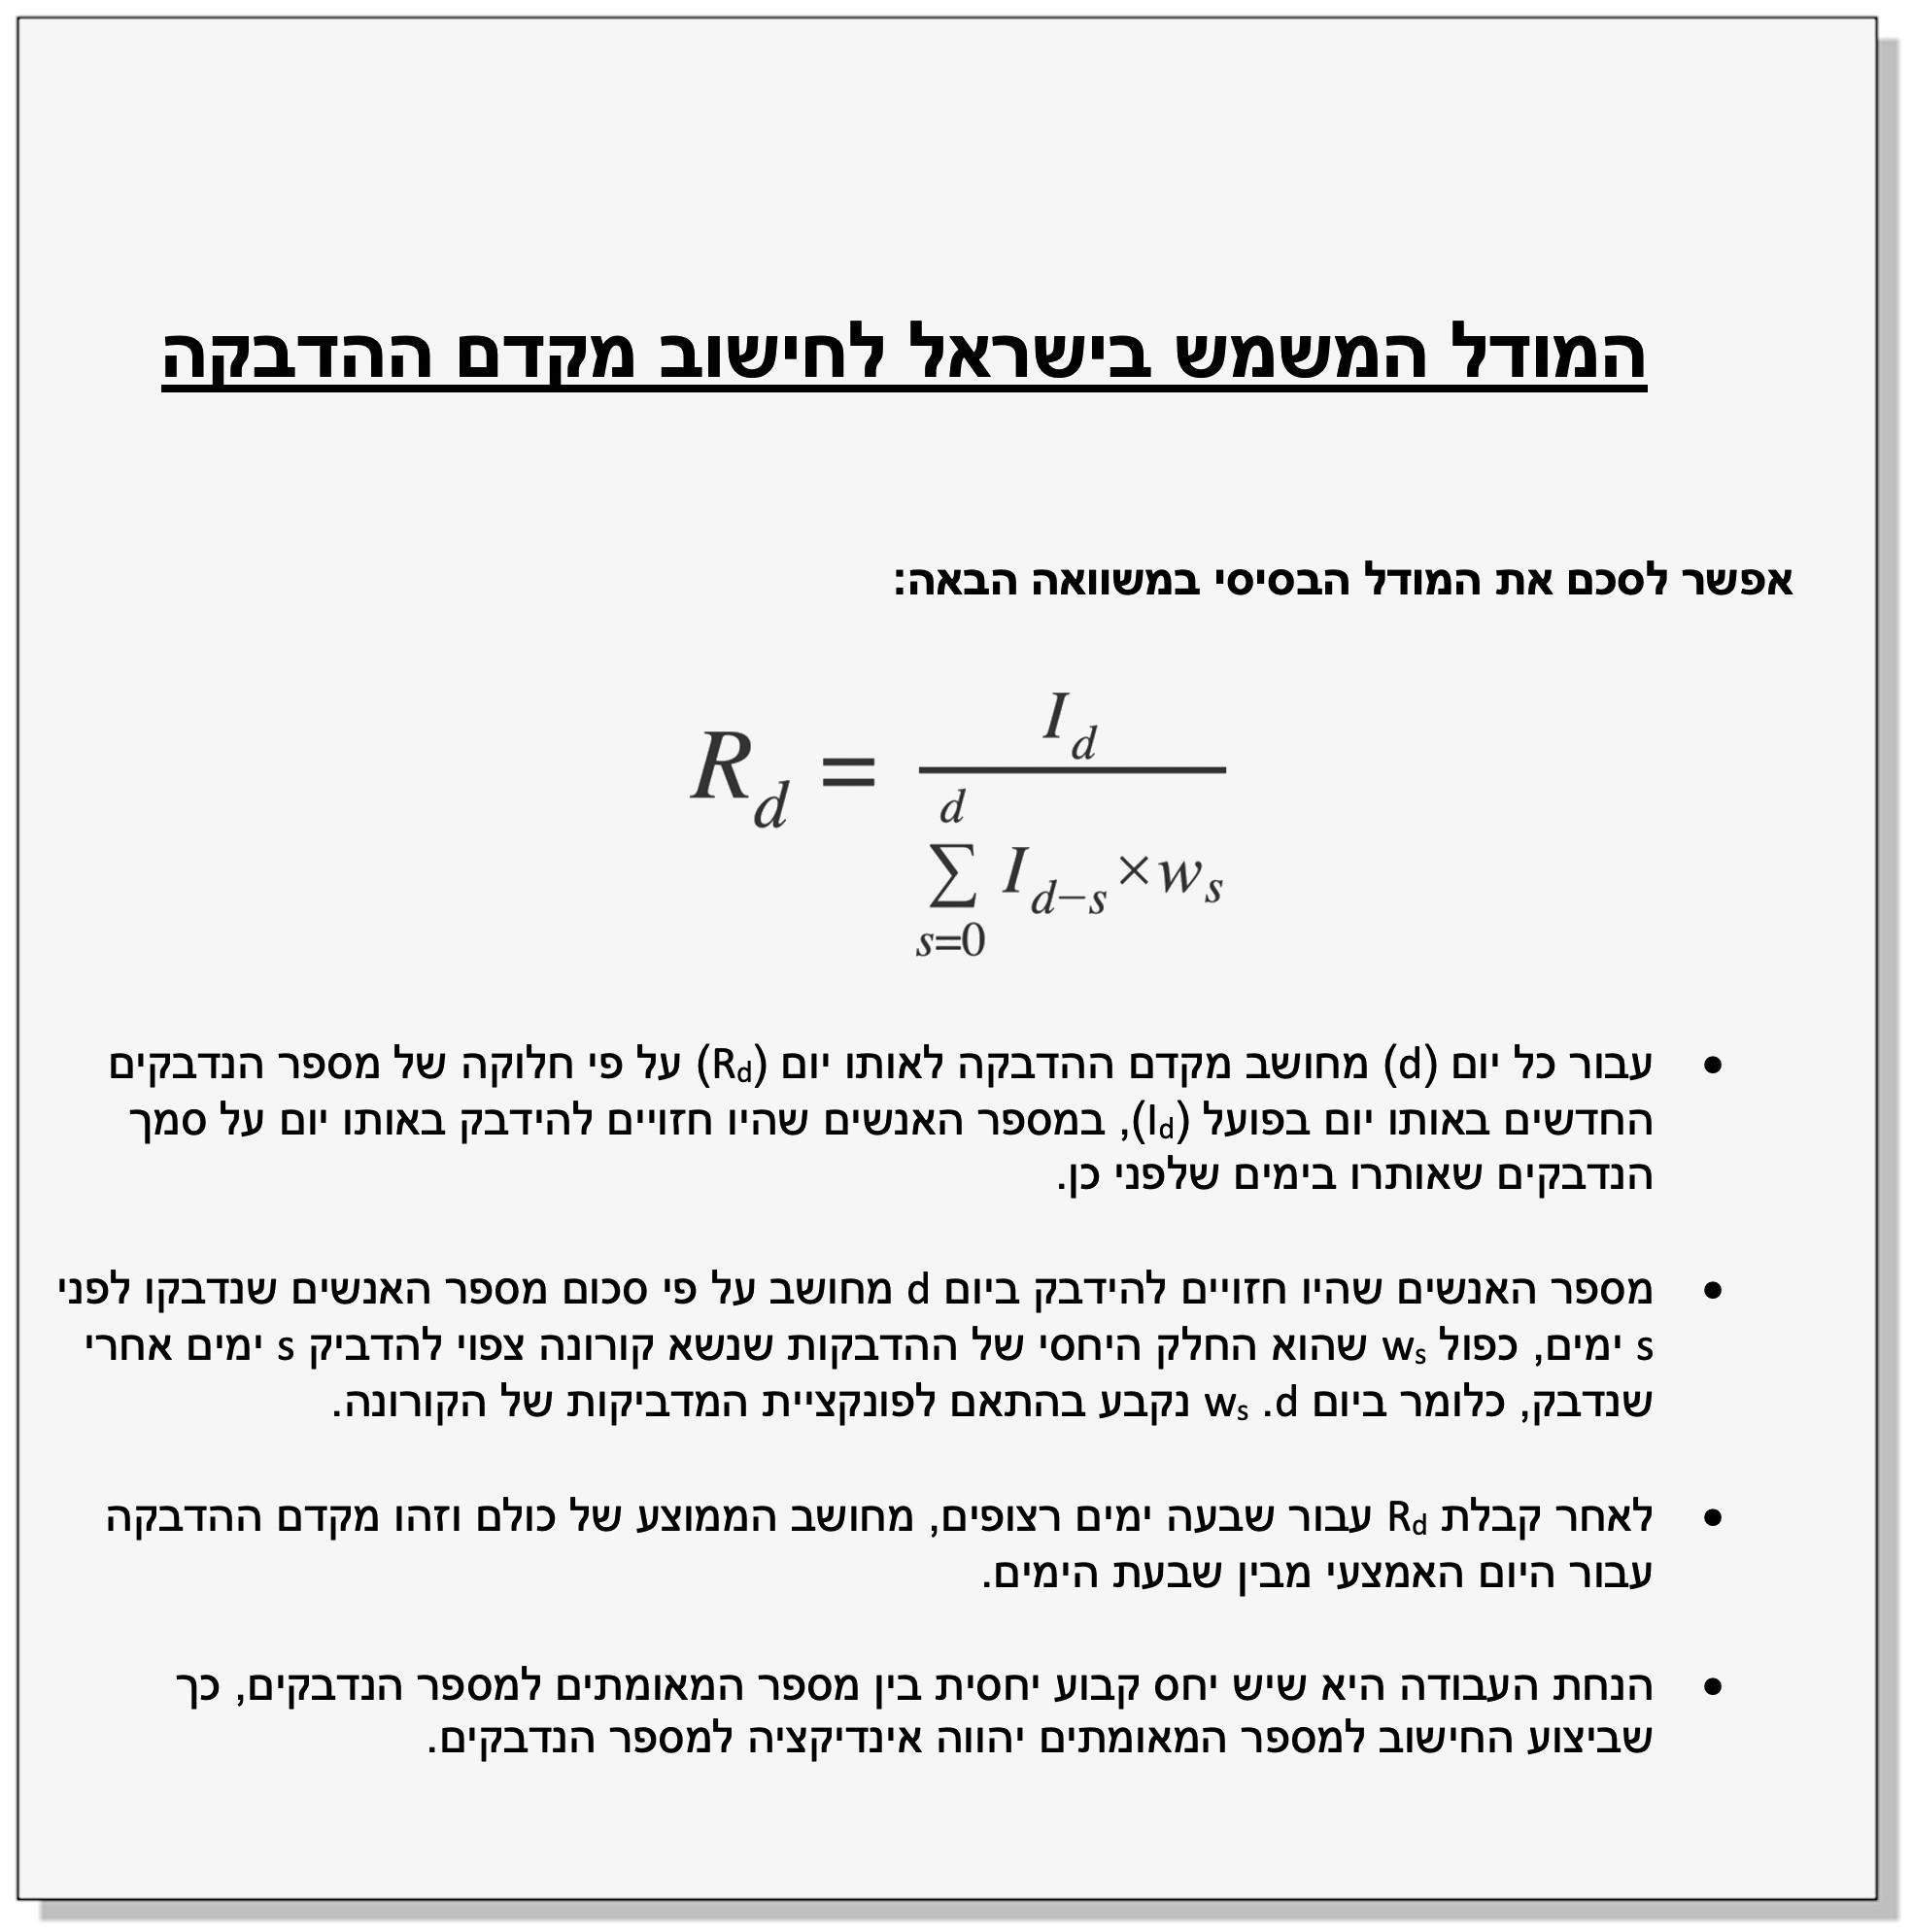 המודל לחישוב מקדם ההדבקה בישראל